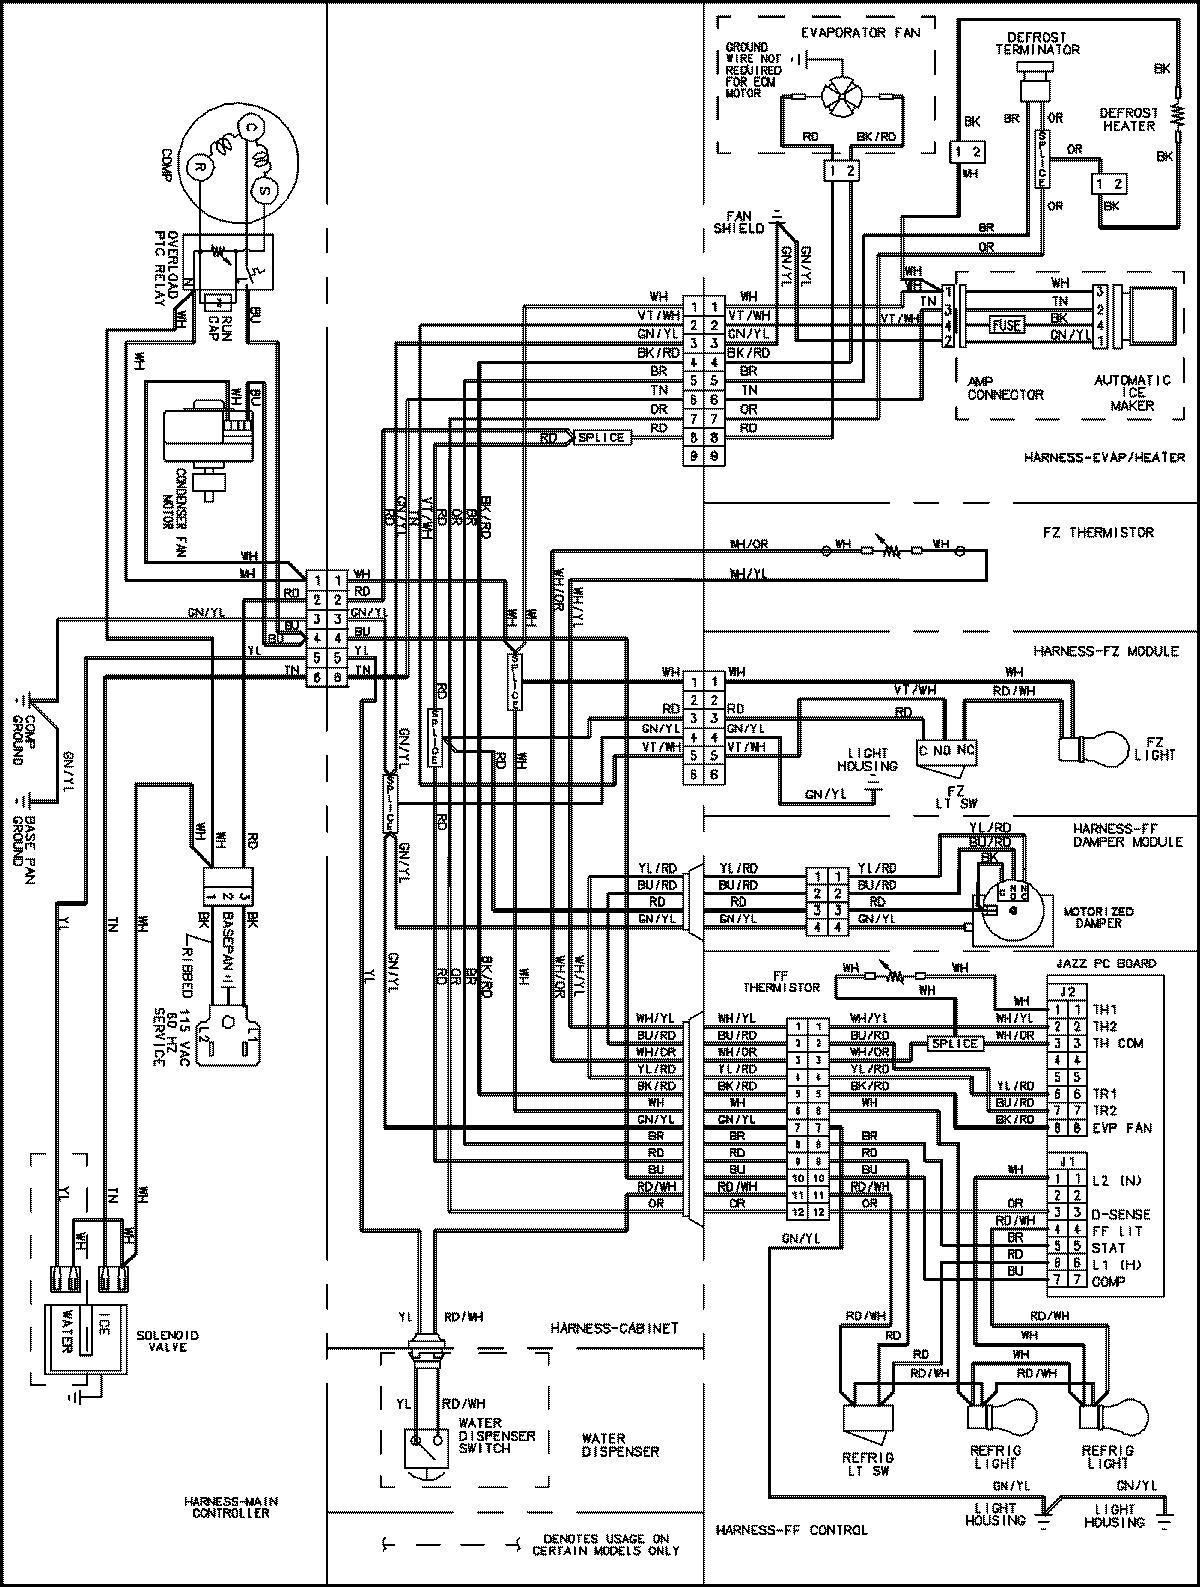 true freezer wiring schematic get free image about wiring diagram